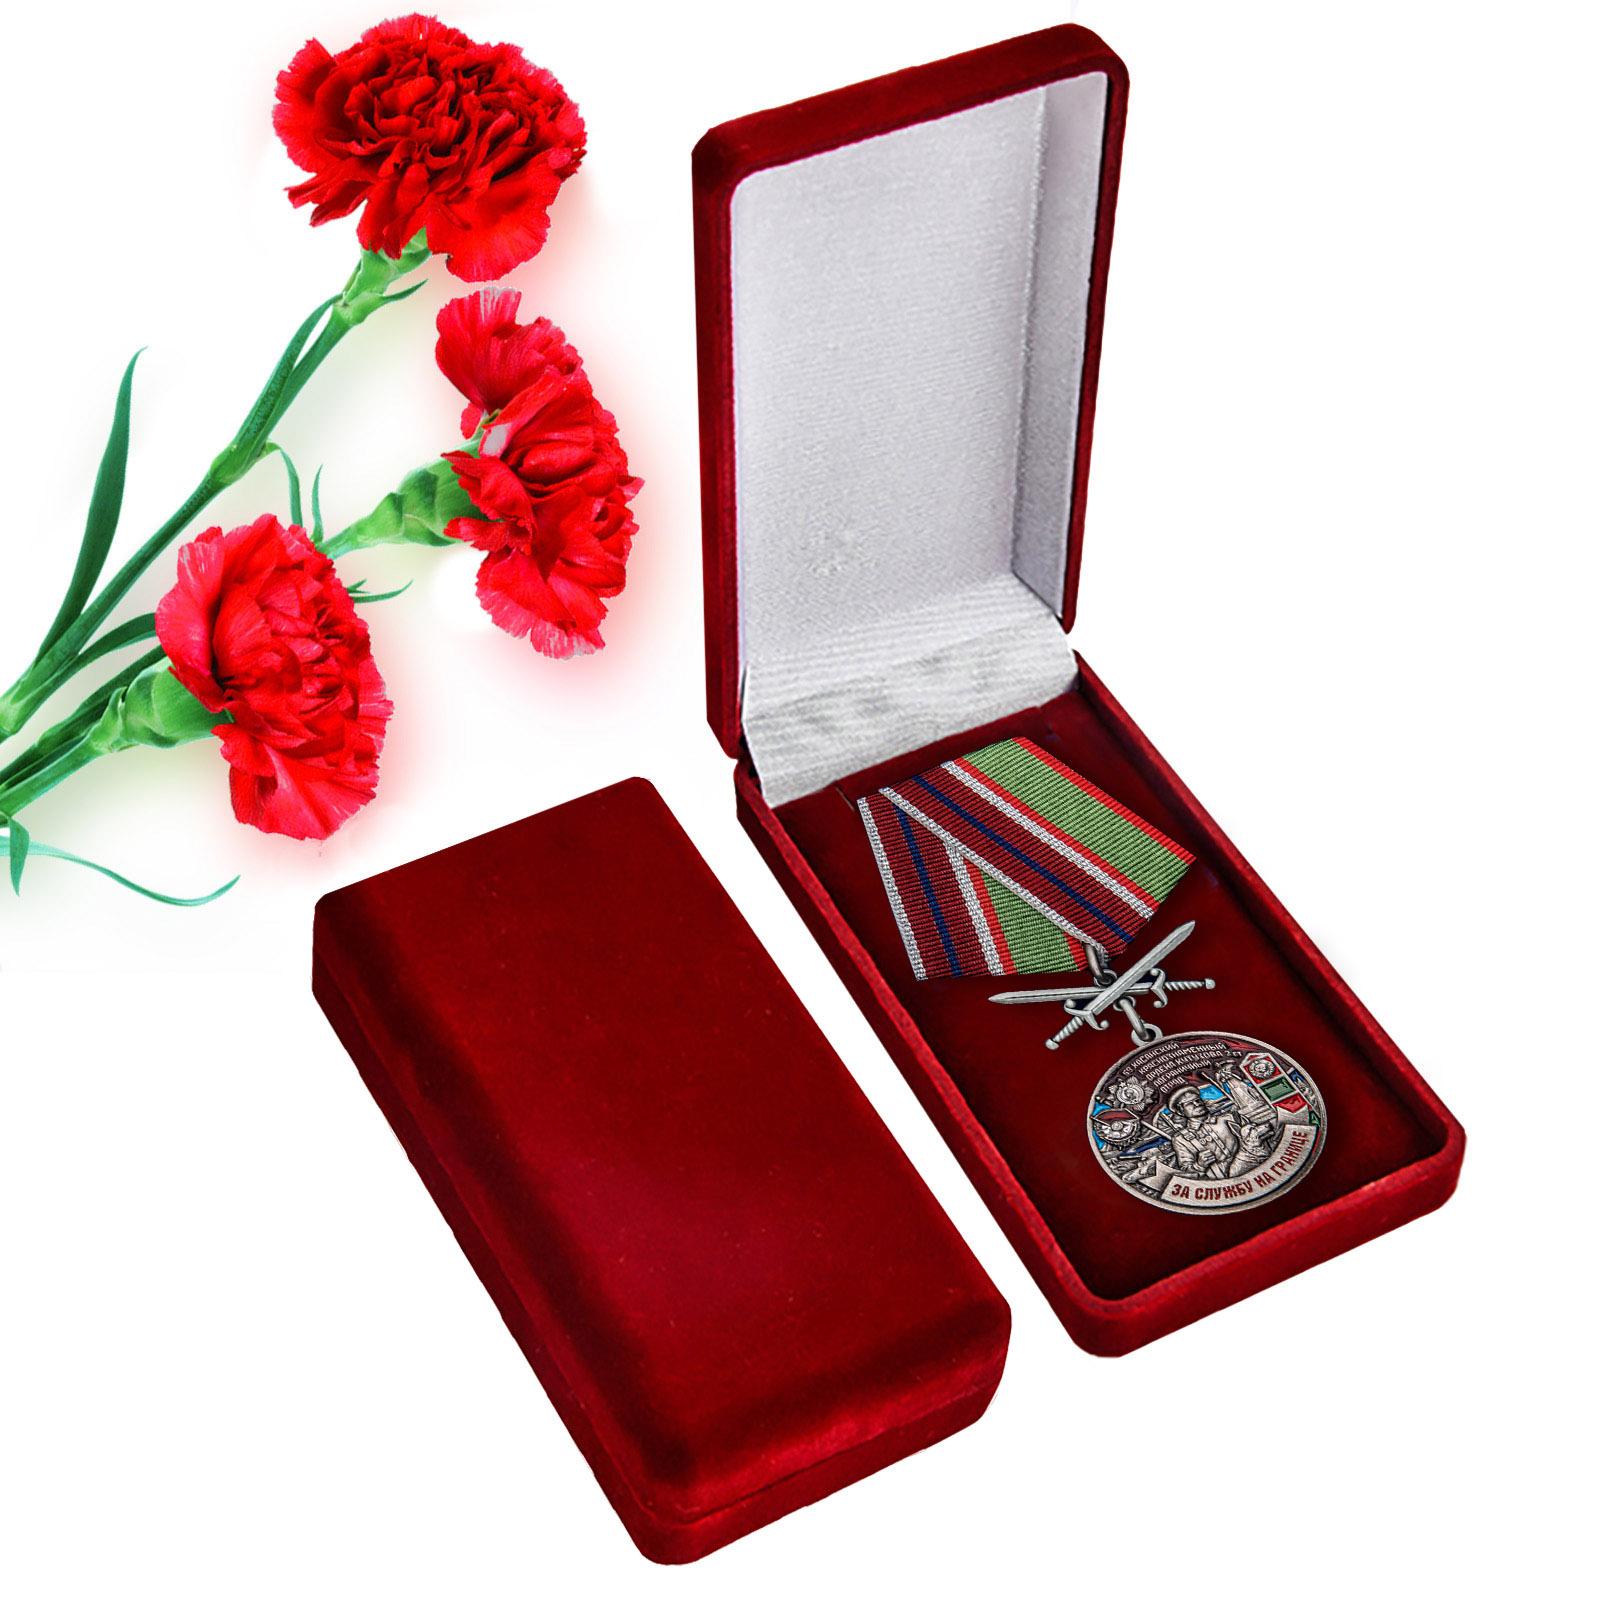 Купить медаль За службу в Хасанском пограничном отряде по лучшей цене